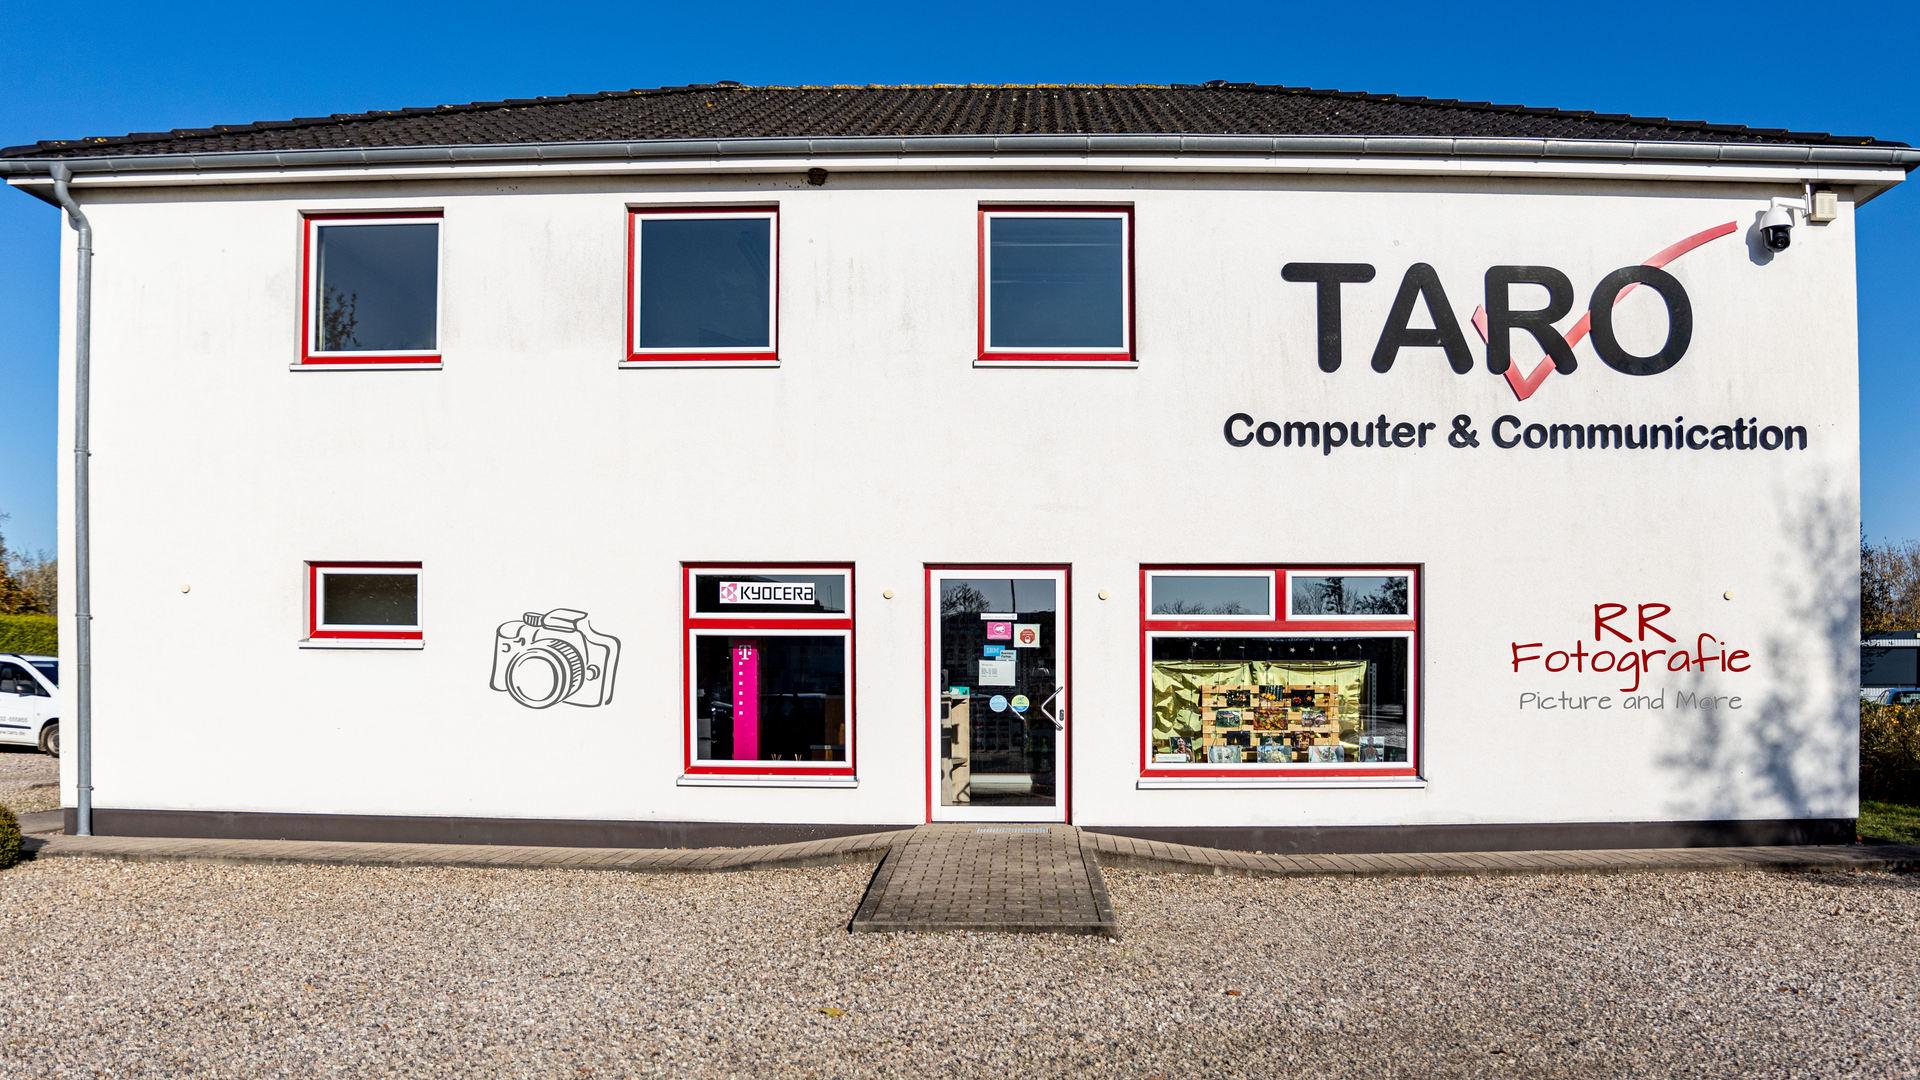 2020.11.07 Taro SChaufenster-104.jpg